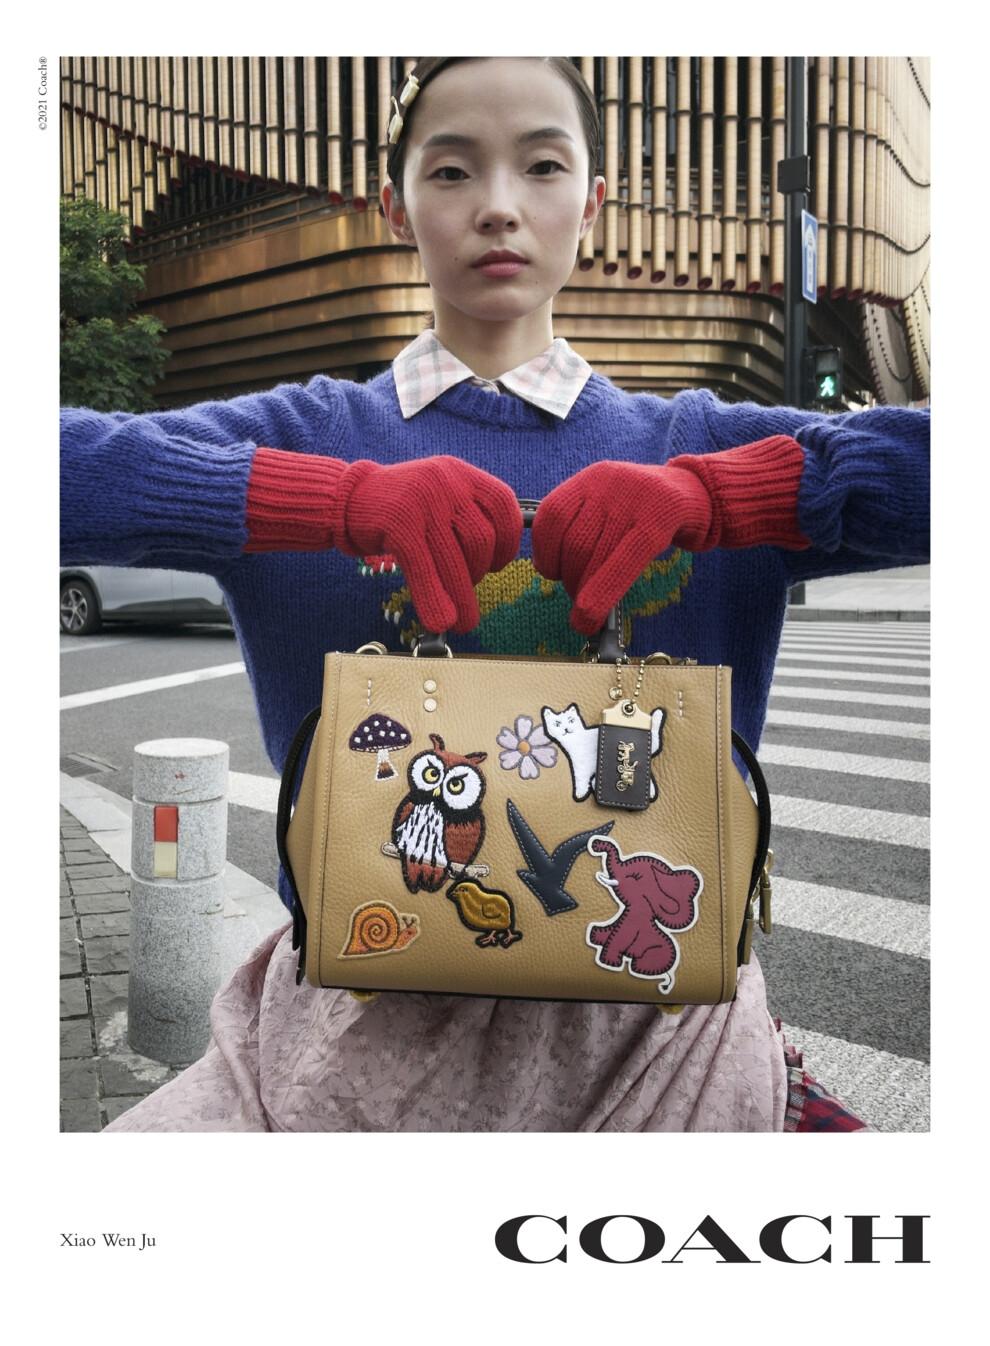 Дженнифер Лопес и Кейт Мосс появились в новой рекламной кампании Coach - фото №4